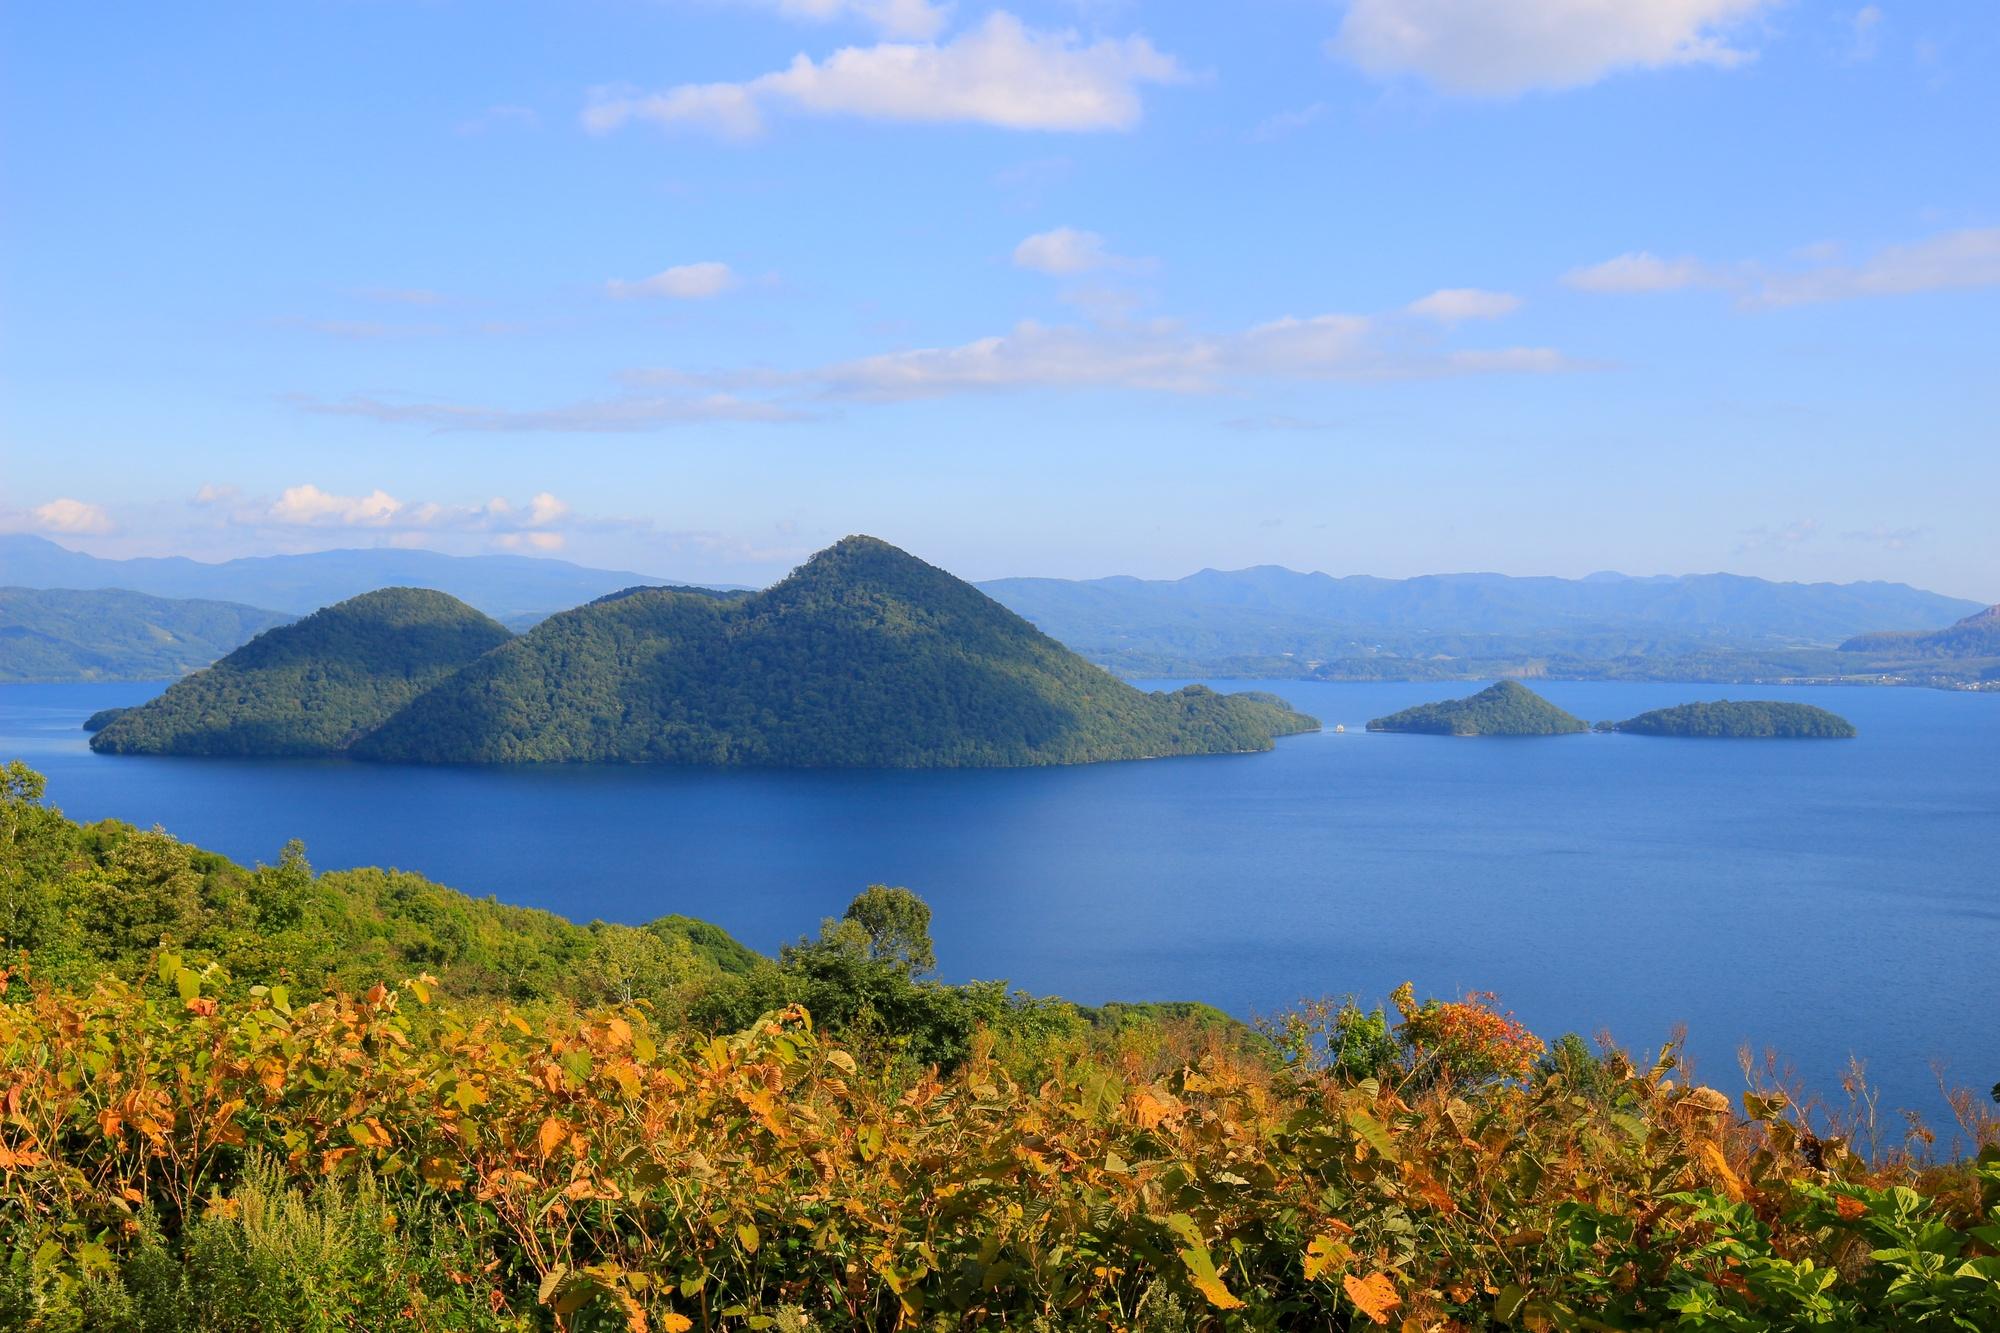 「JALふるさと納税」に北海道洞爺湖町が参加しました。